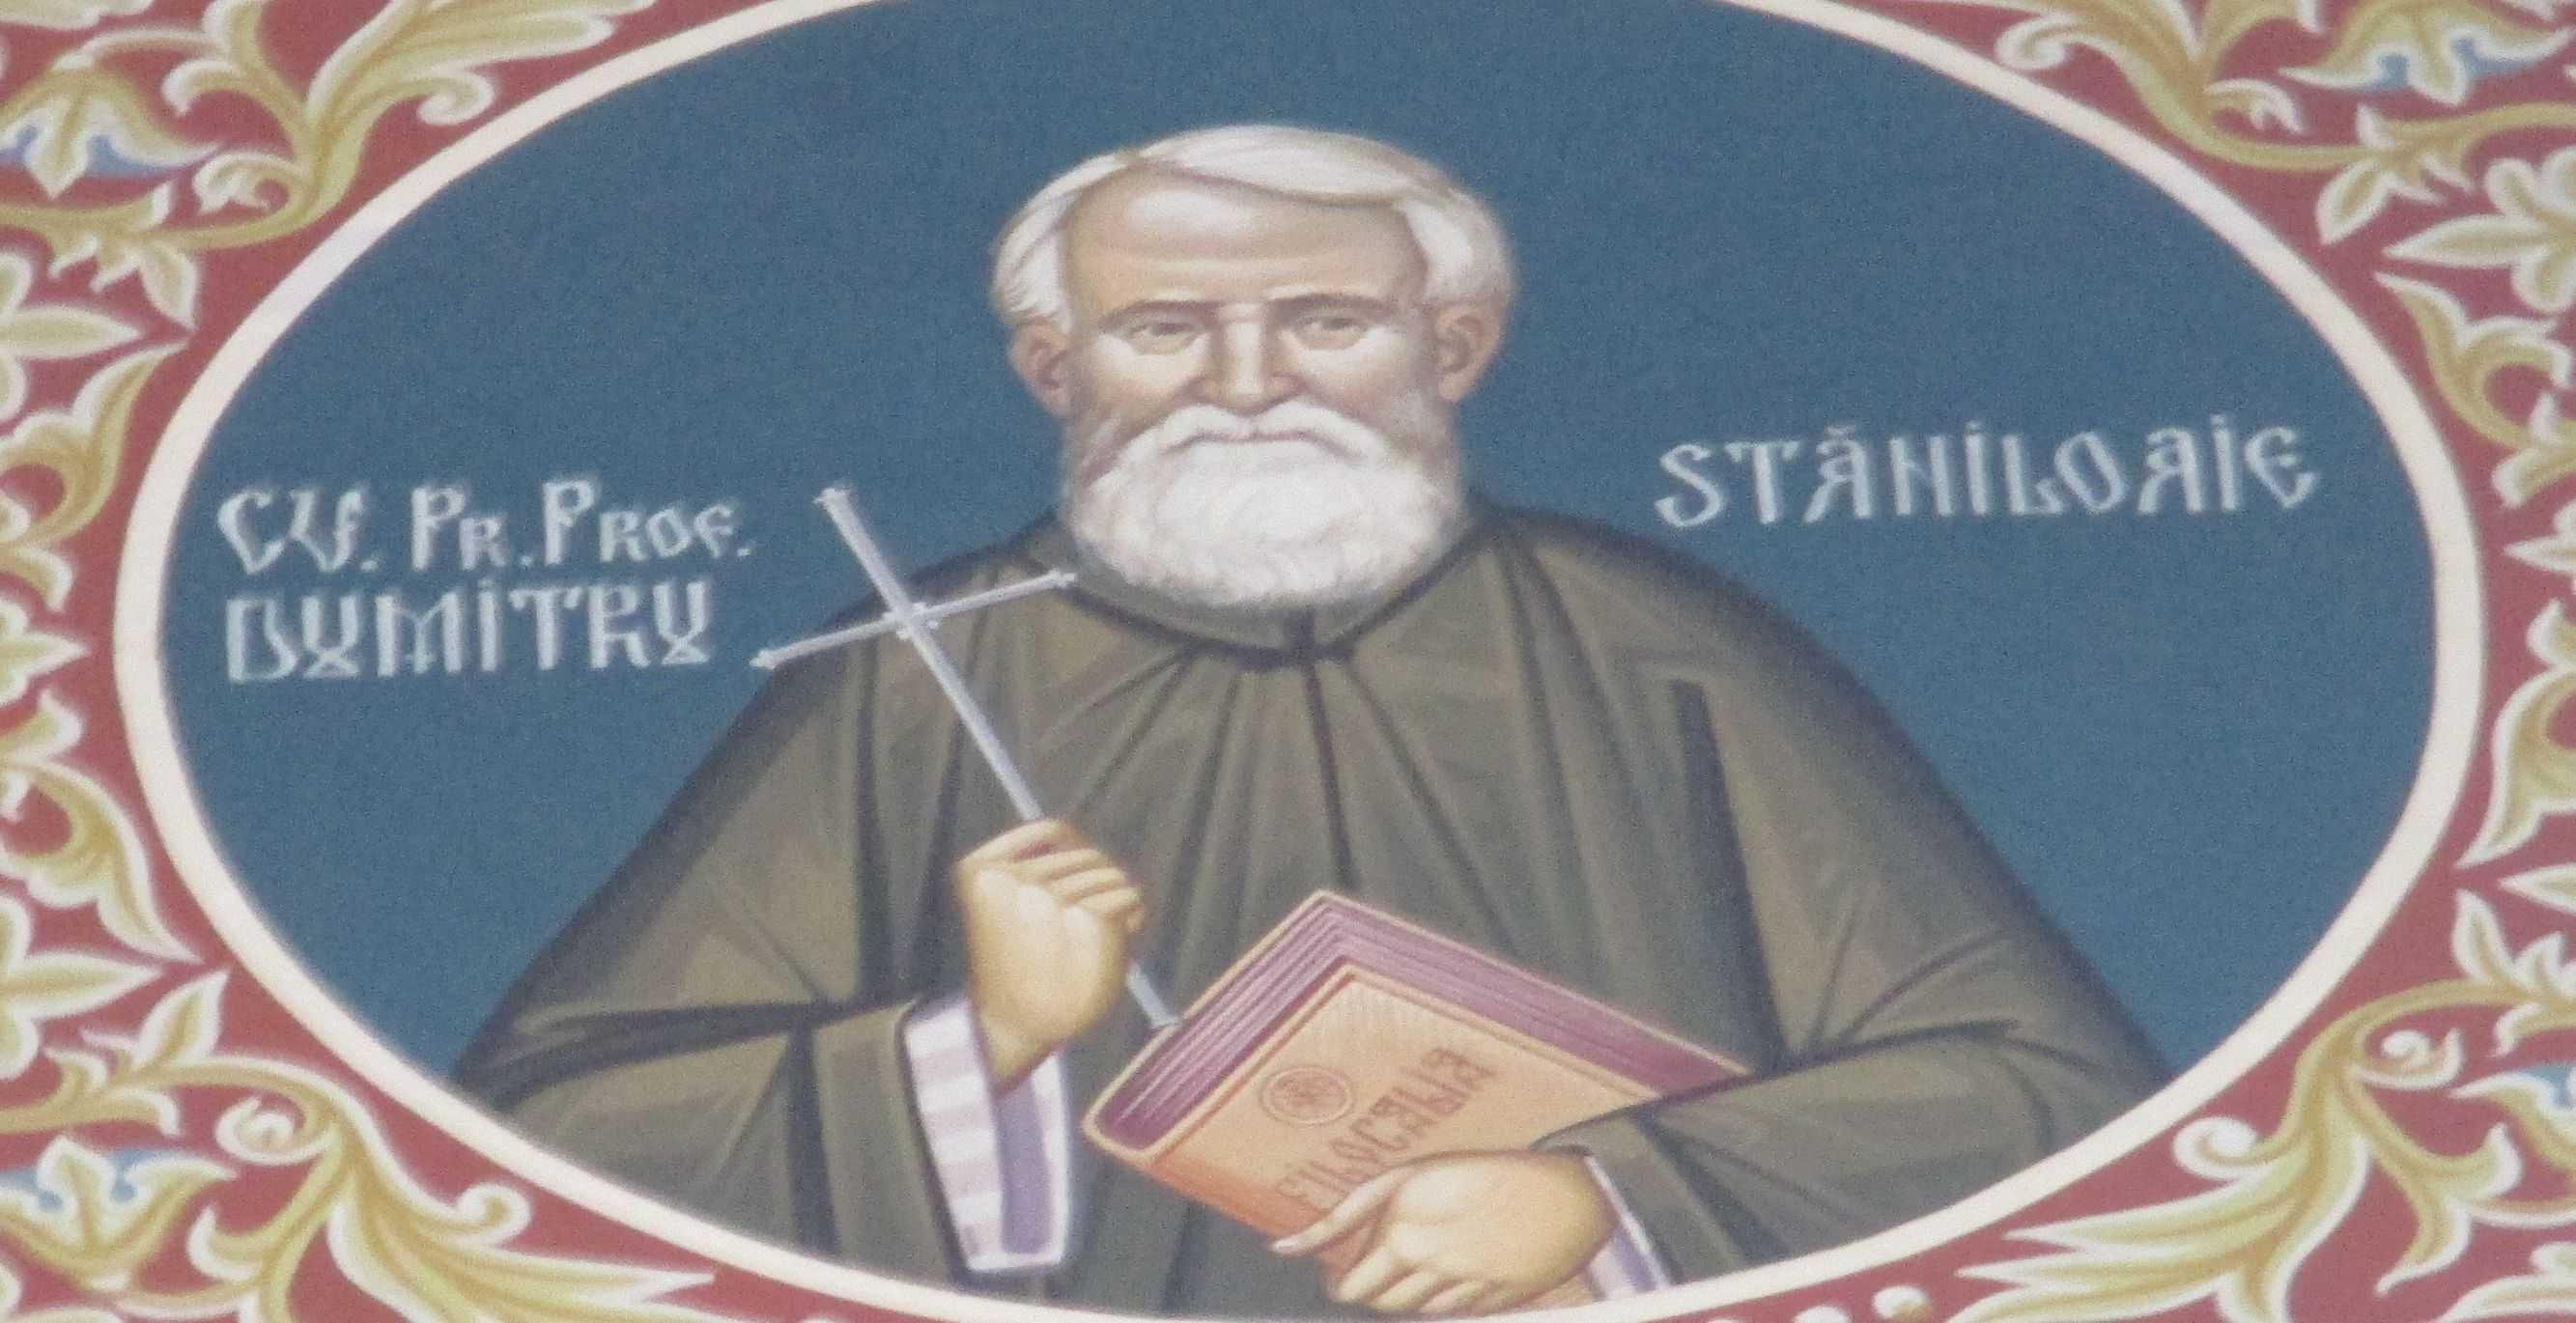 Crampeie inlacrimate de lumina si durere din VIATA PARINTELUI DUMITRU STANILOAE, sfantul mare teolog român, &#8220;NOBILUL&#8221; INCURABIL: <i>&#8220;Da, ăsta era tata. Ceilalţi erau mai importanţi şi nu se gândea decât la ei&#8230;&#8221;</i>